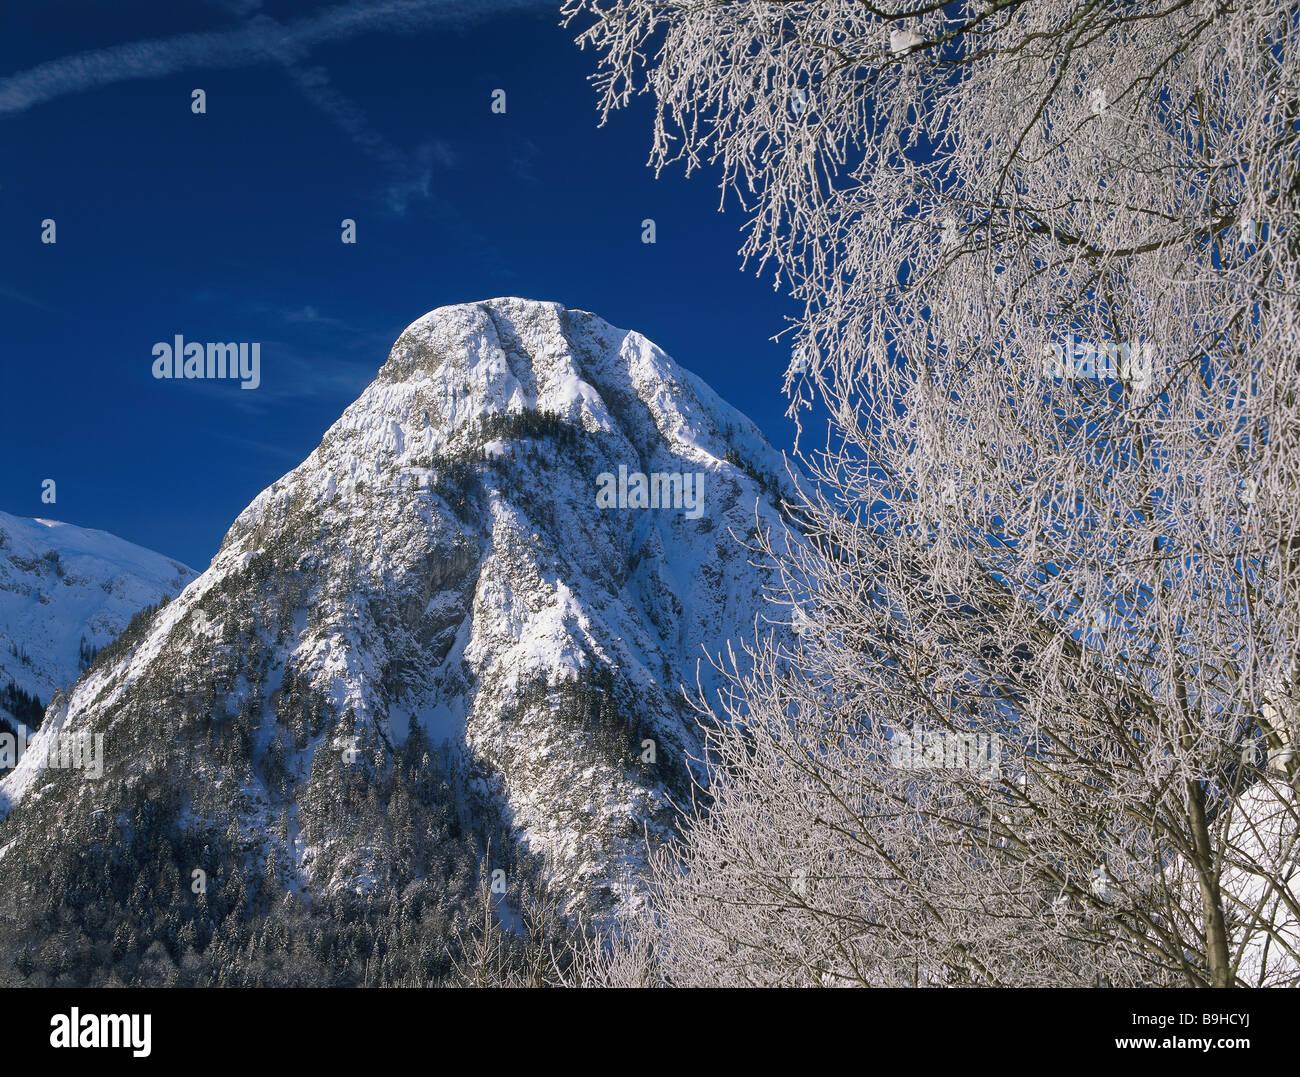 snowed in Austria Tyrol Maurach am achensee Bärenkopf winter North-Tyrol Karwendel-mountains mountain summit - Stock Image